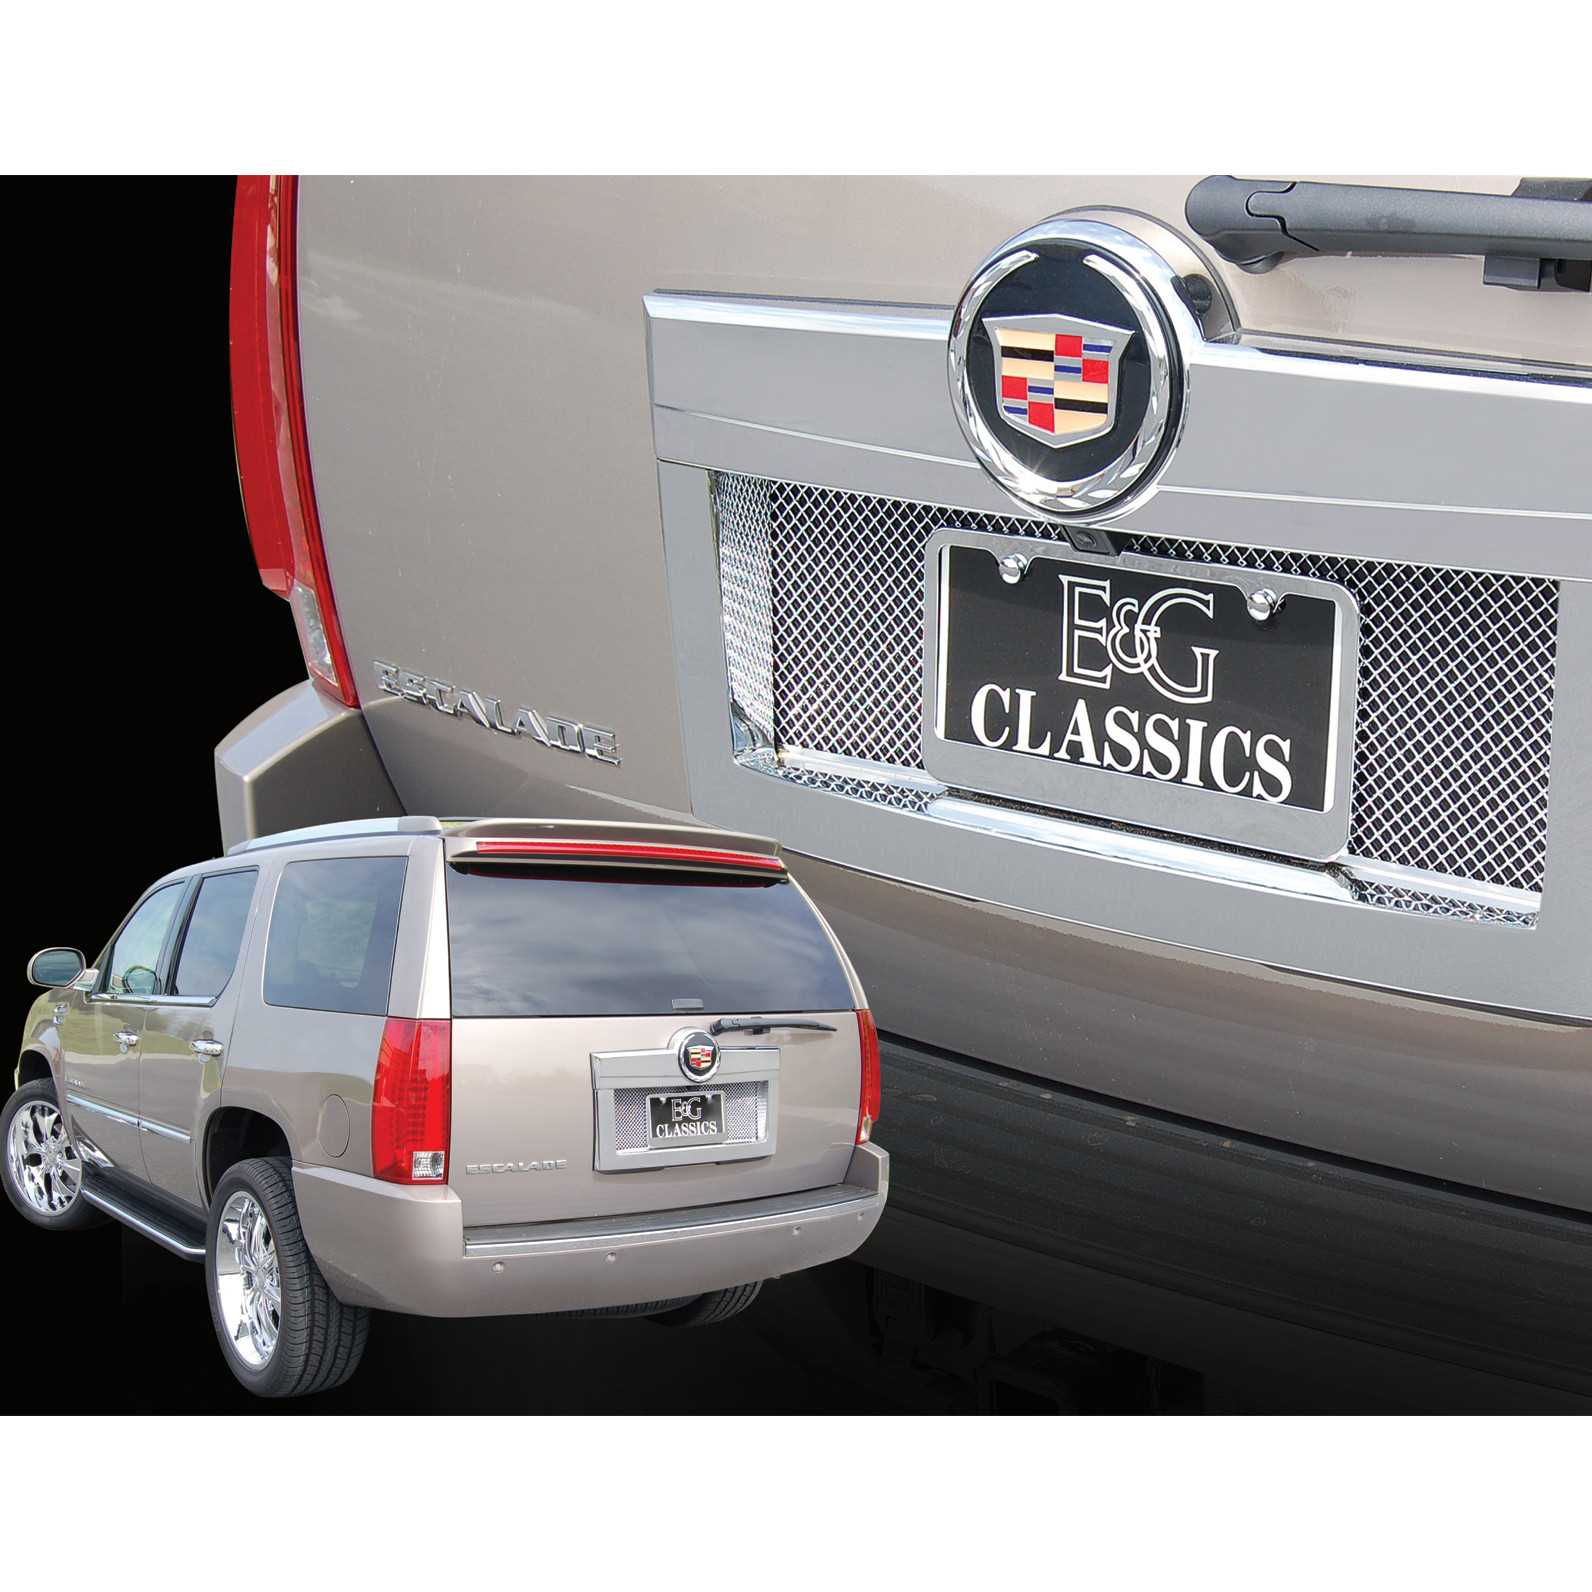 E g classics 2007 2014 cadillac escalade accessories rear tag surround w mesh insert 1009 0710 07